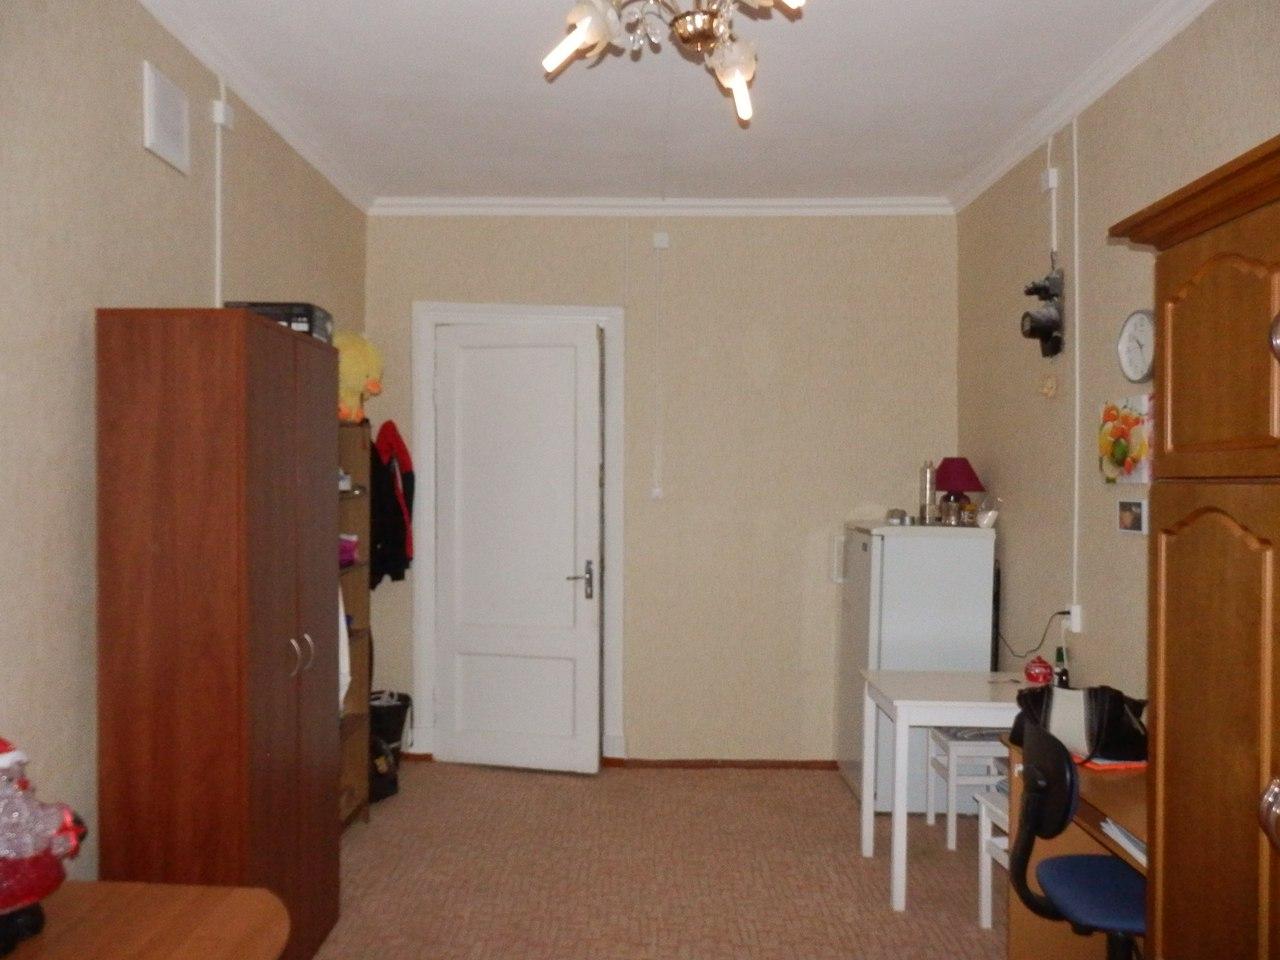 Продается 1 комната в квартире, Красногвардейский район, набережная, Петербург 4RxgmHGUmy8